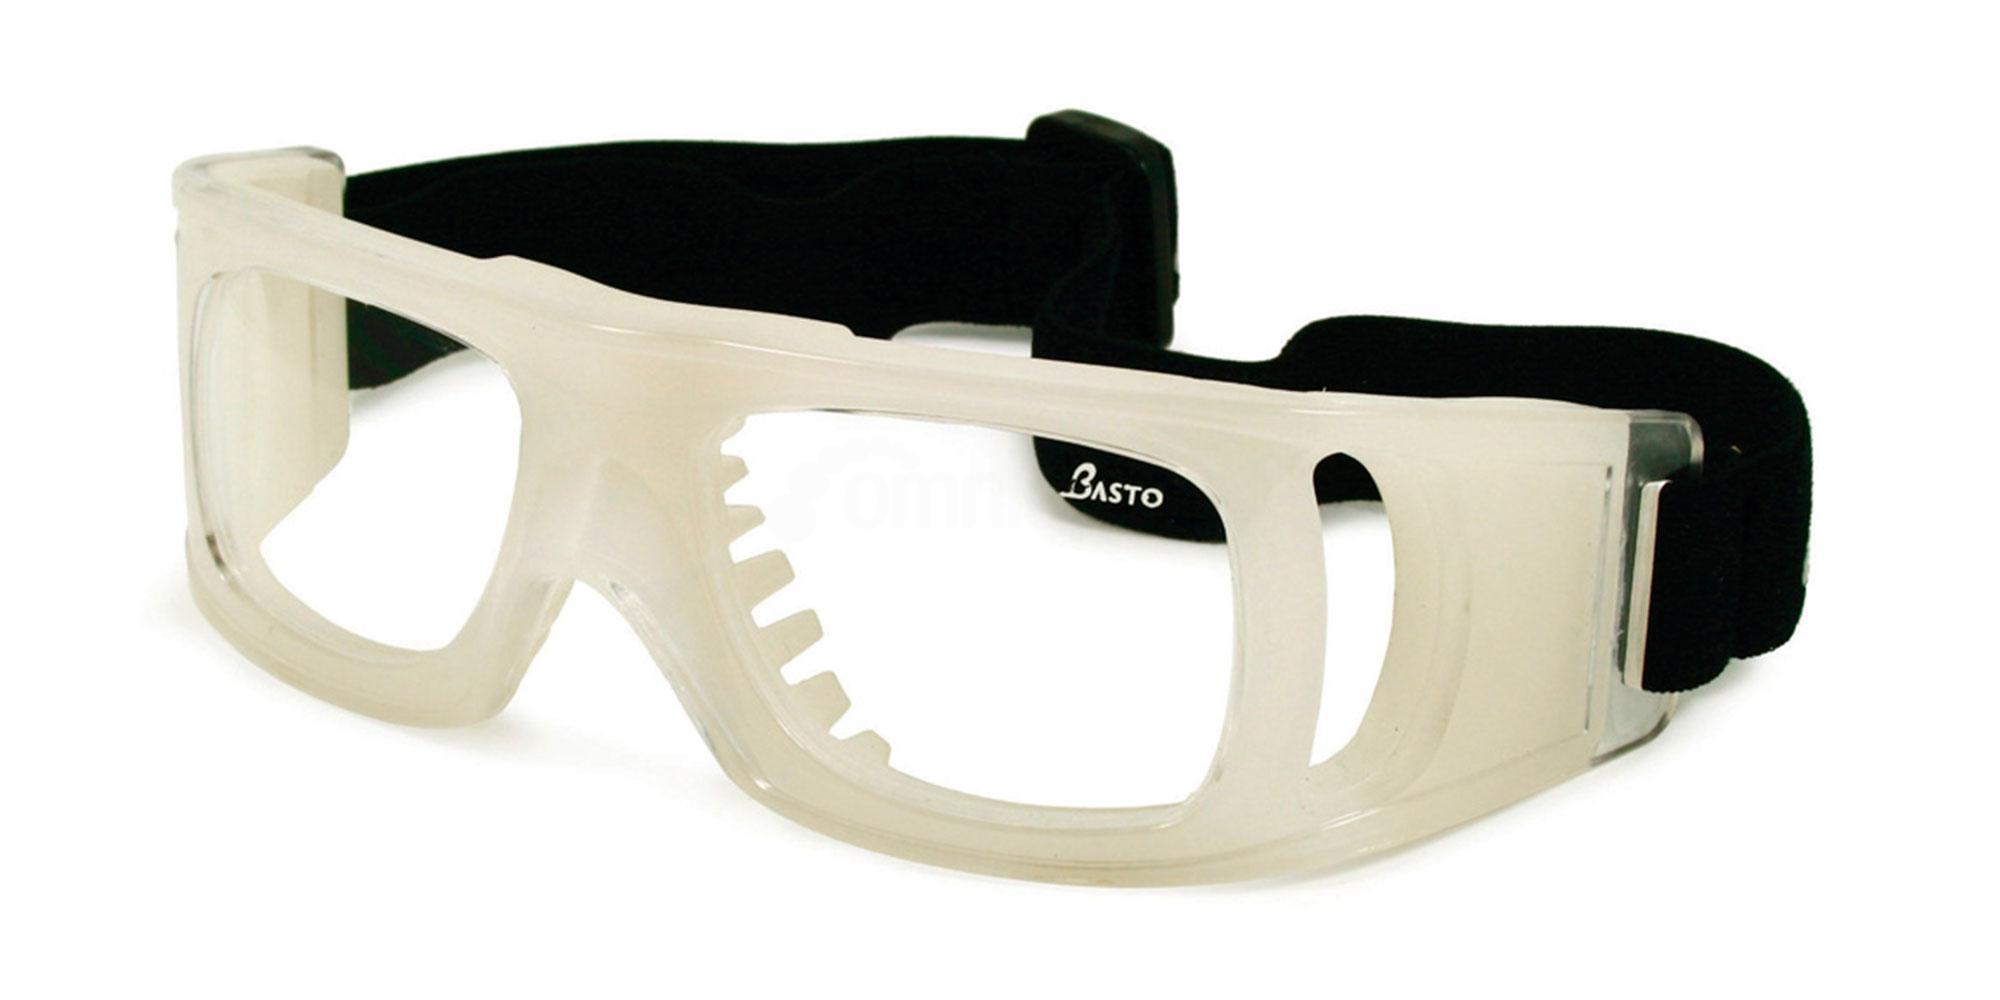 White BL007 Accessories, Sports Eyewear